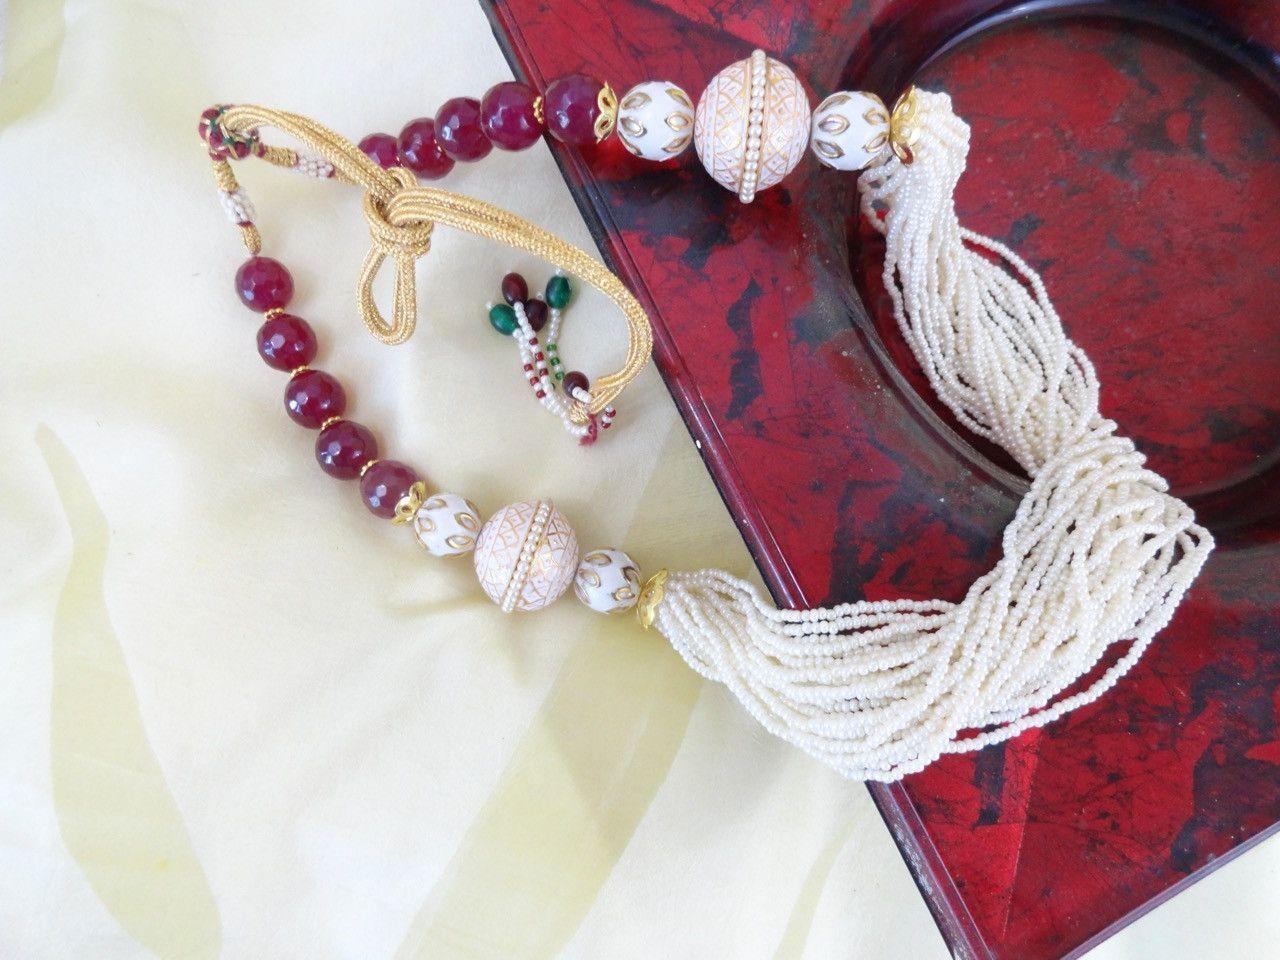 Meenakari statement chain from India. Indian bead and minakari necklace jewelry. Handmade party wear jewelry. Artikrti.